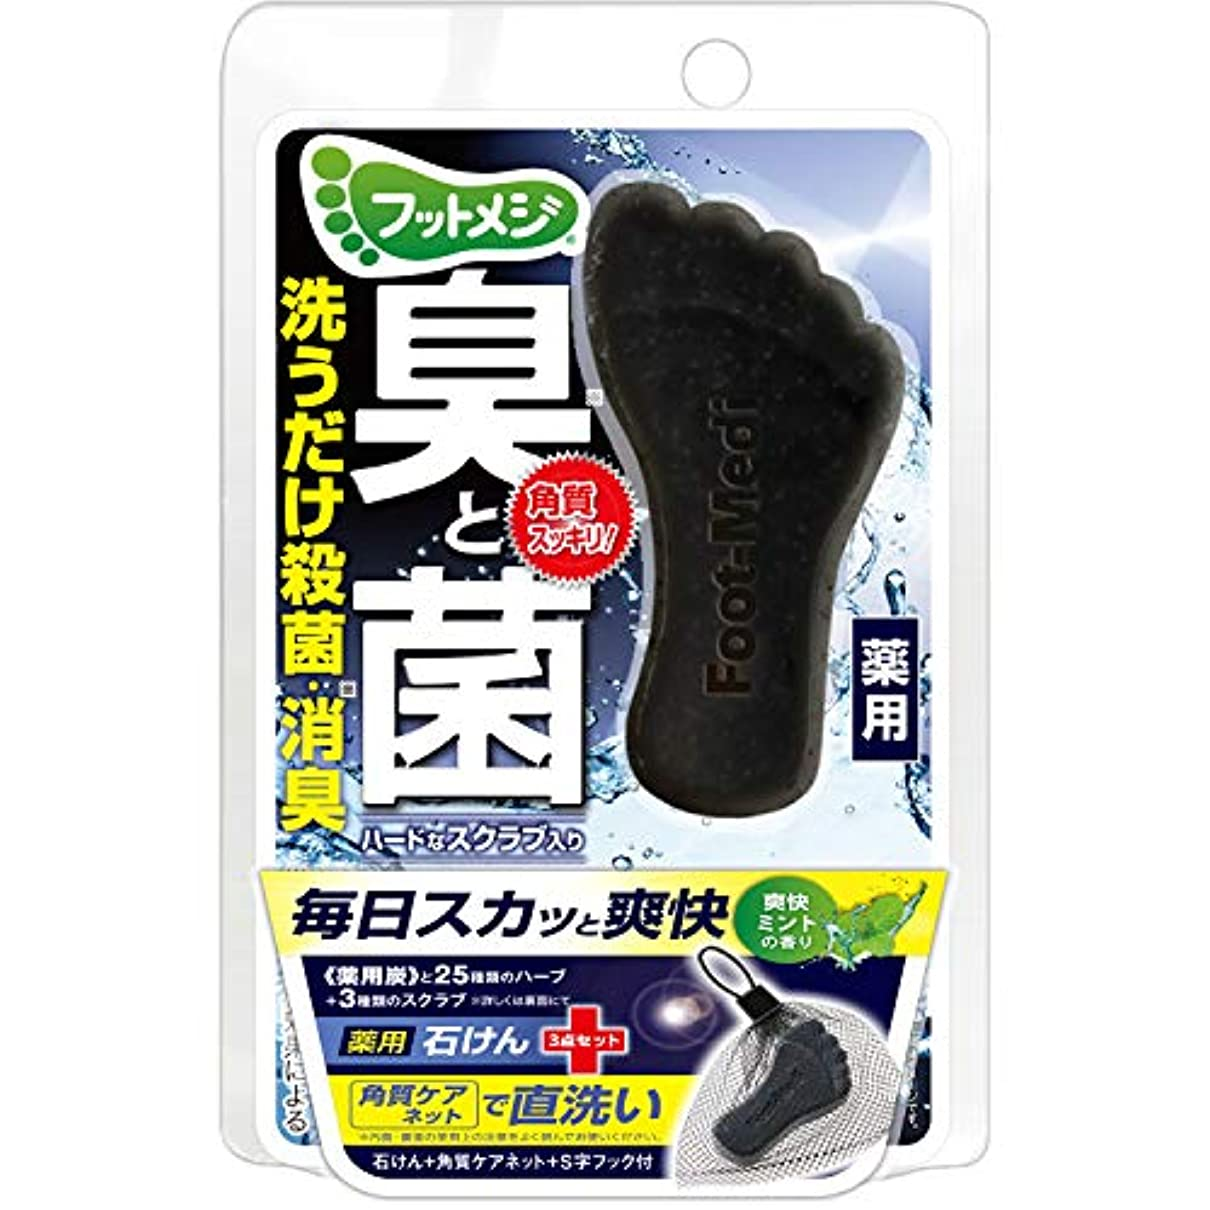 効能ある高揚した温かいグラフィコ フットメジ薬用足用角質クリアハーブ石けん爽快ミント 60g 石鹸